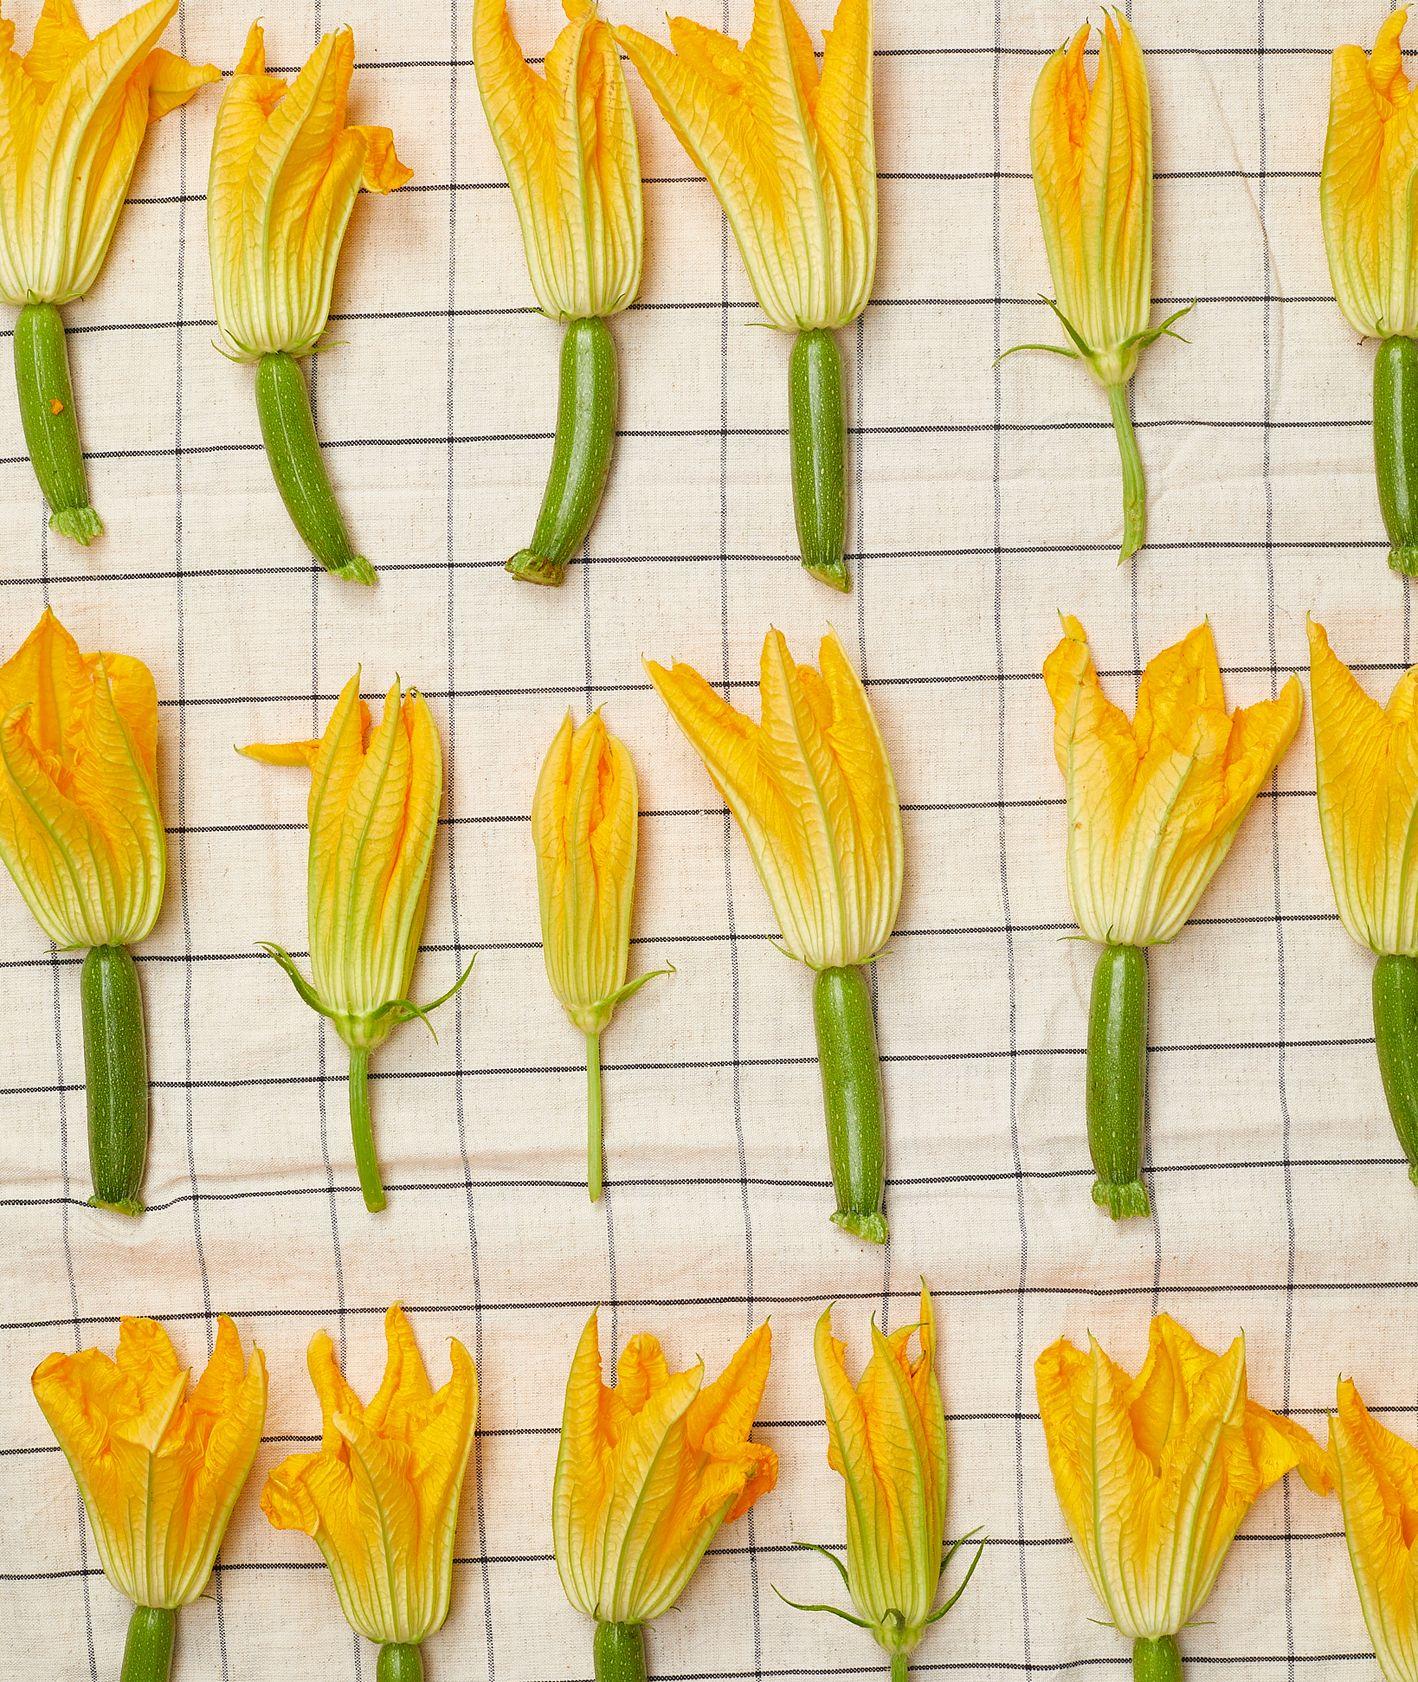 Przepisy na kwiaty cukinii (fot. Maciek Niemojewski)